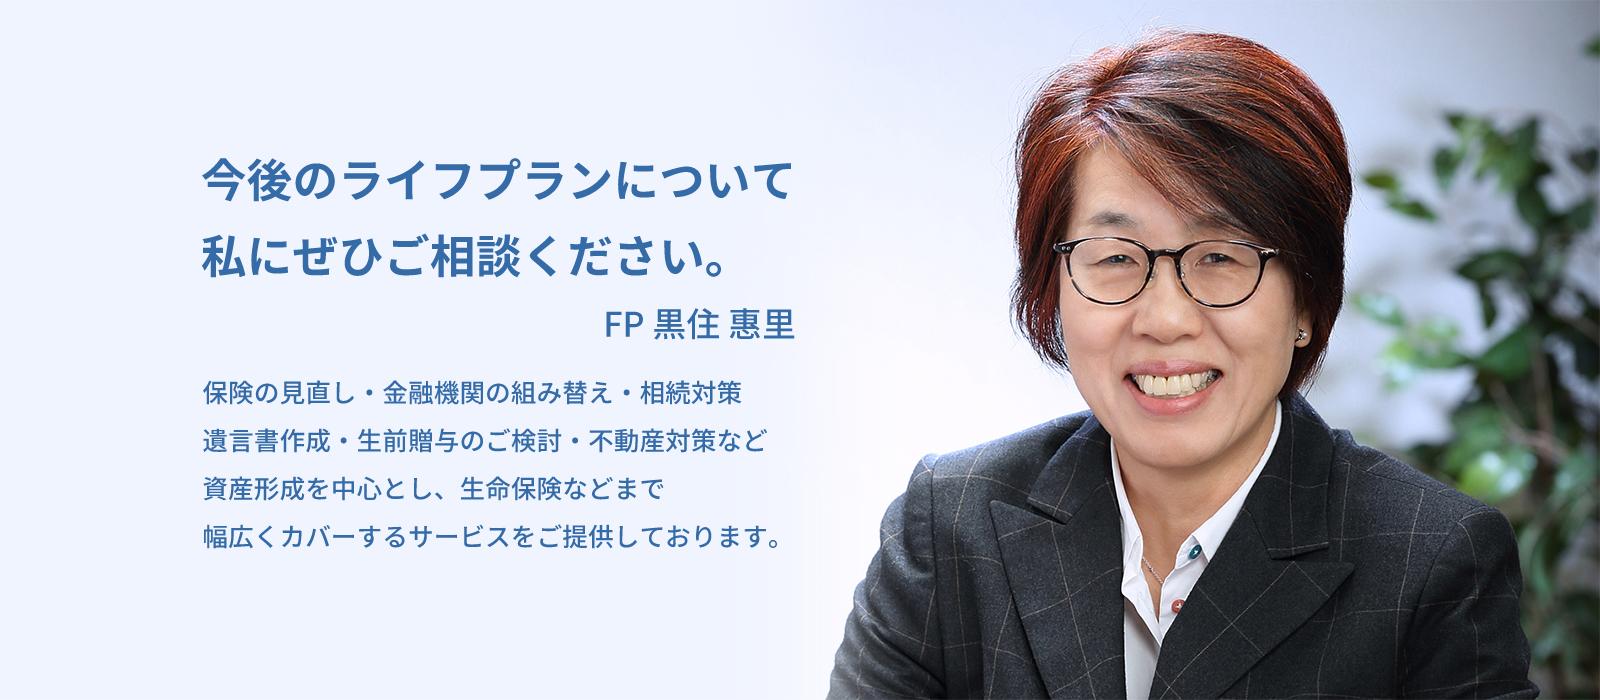 岡山市の相続・事業承継対策専門FP(ファイナンシャルプランナー)黒住惠里